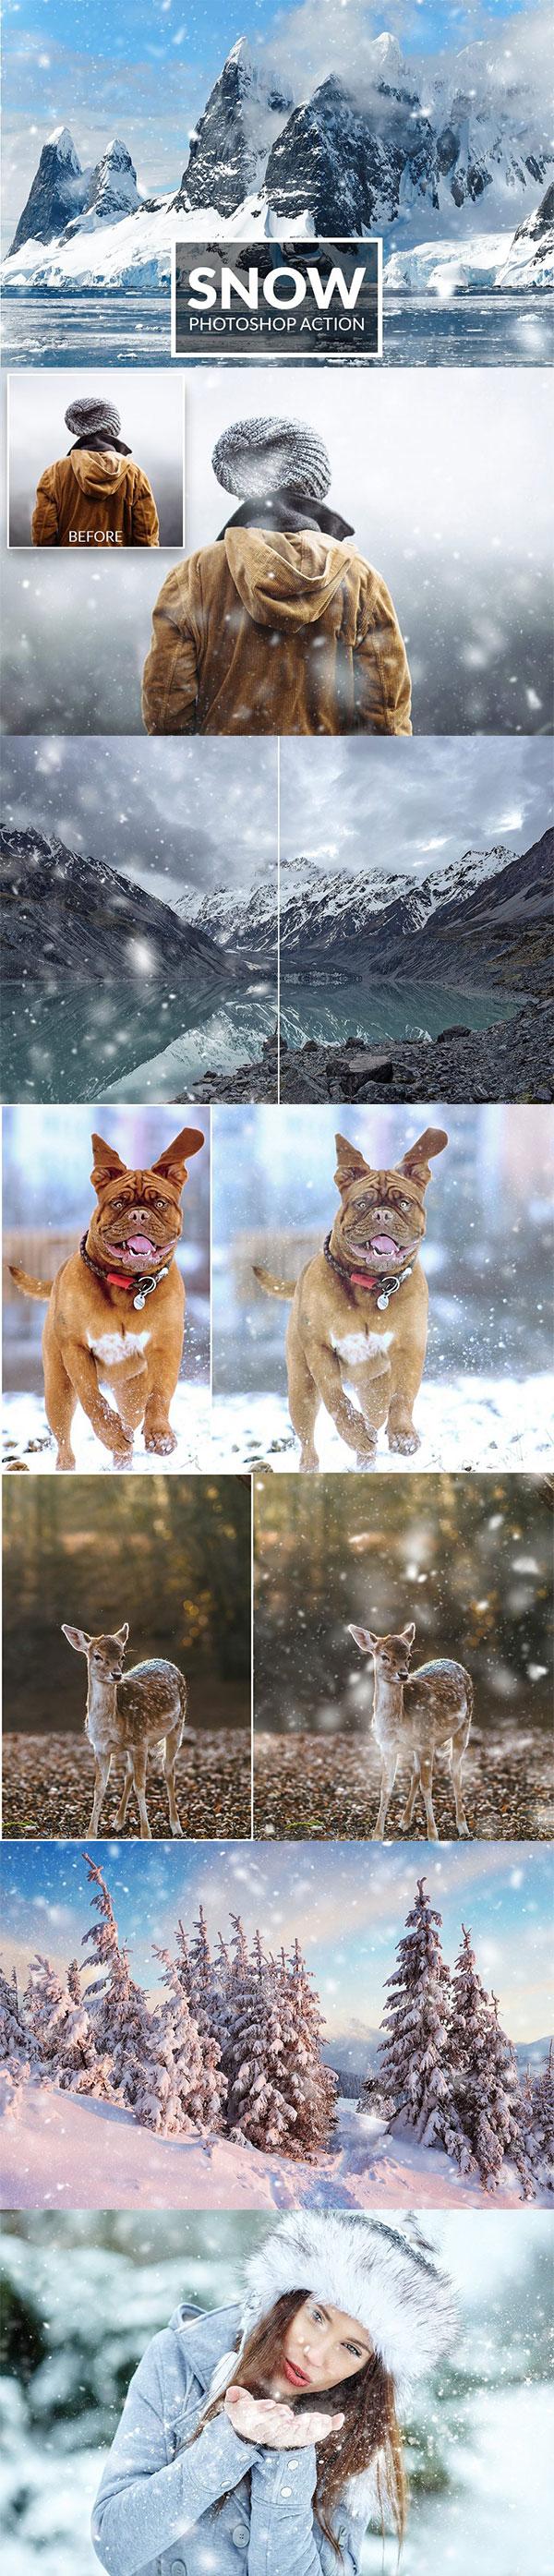 雪景效果PS动作